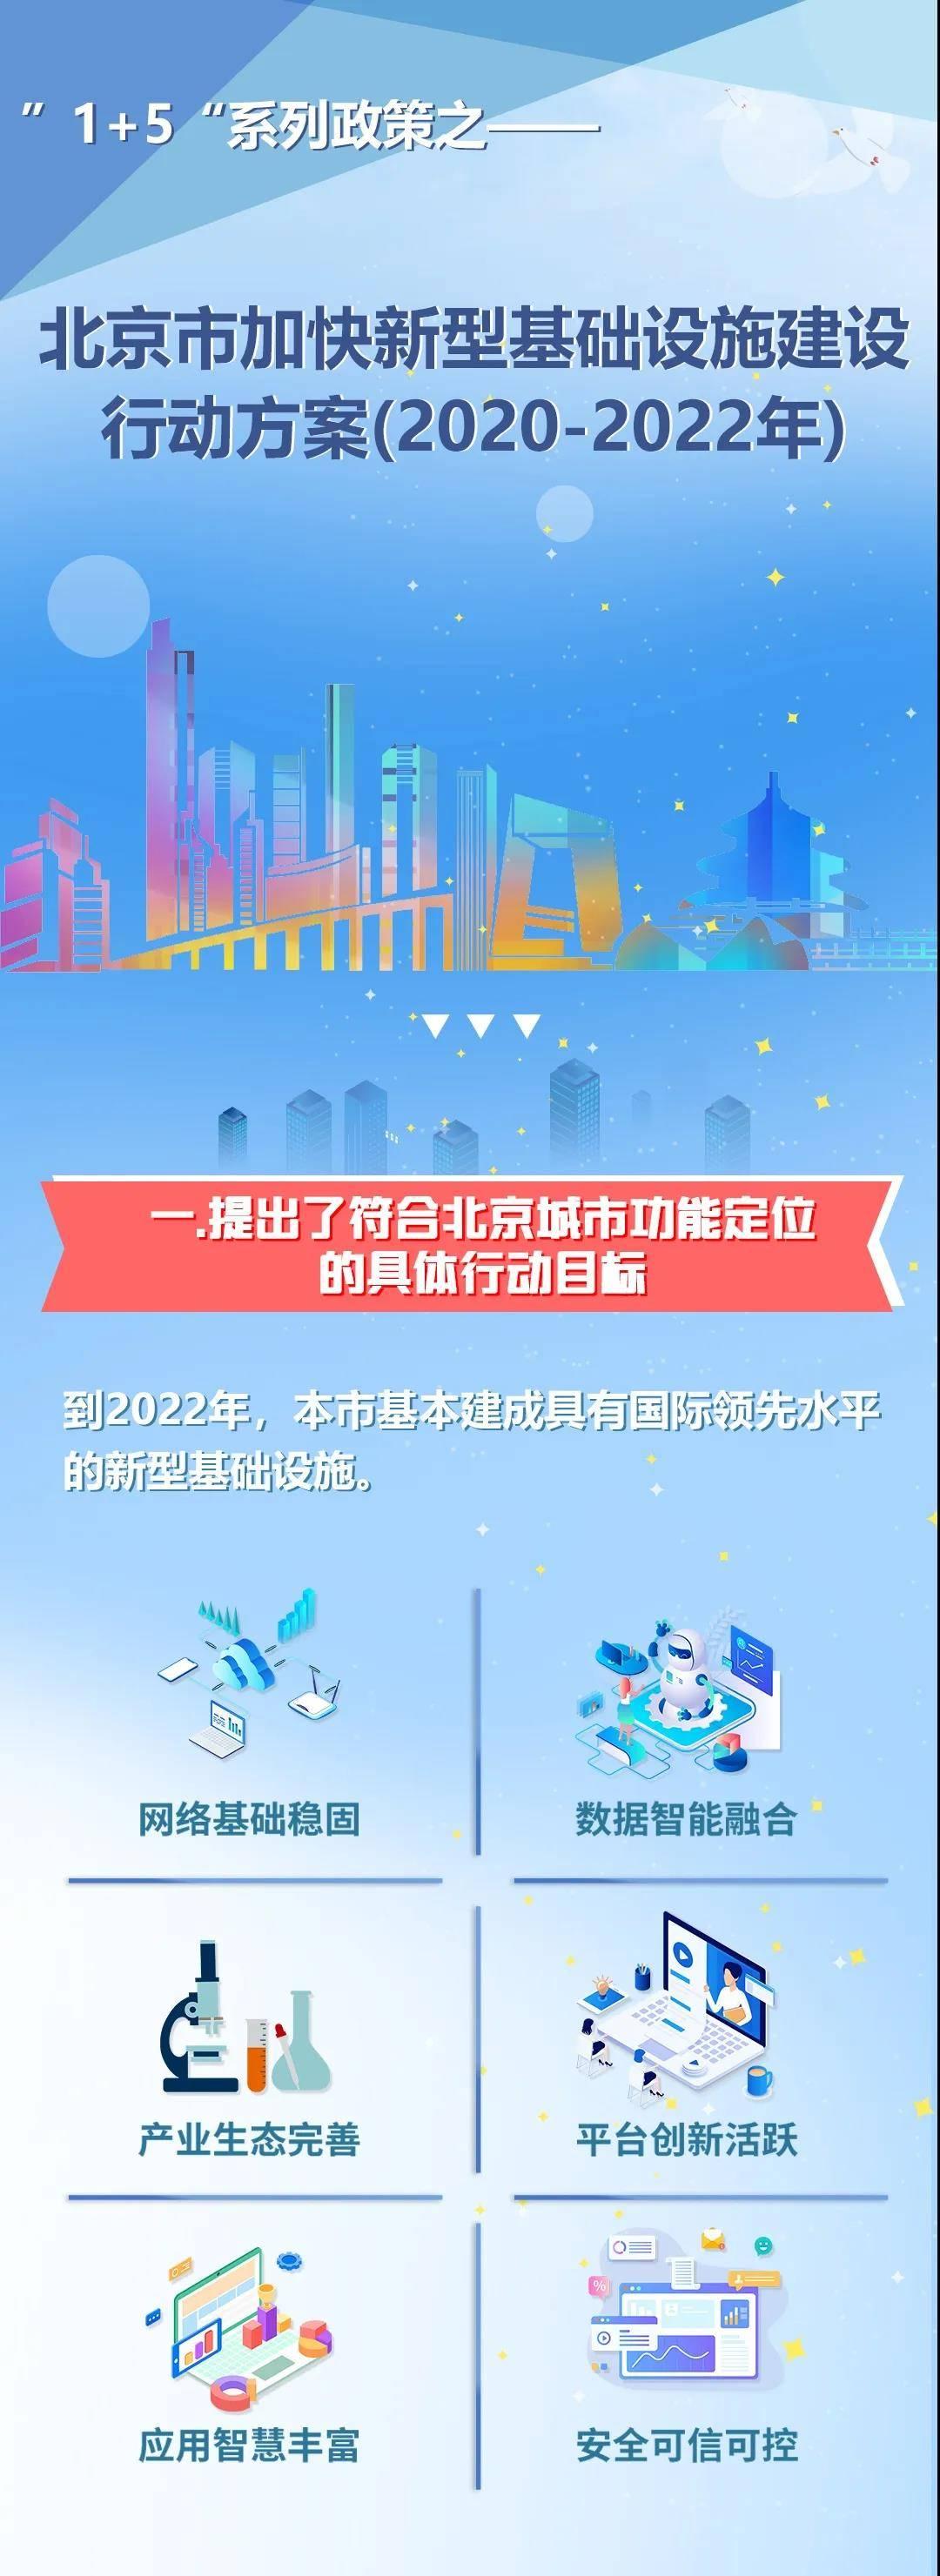 北京新基建行动方案发布,围绕六